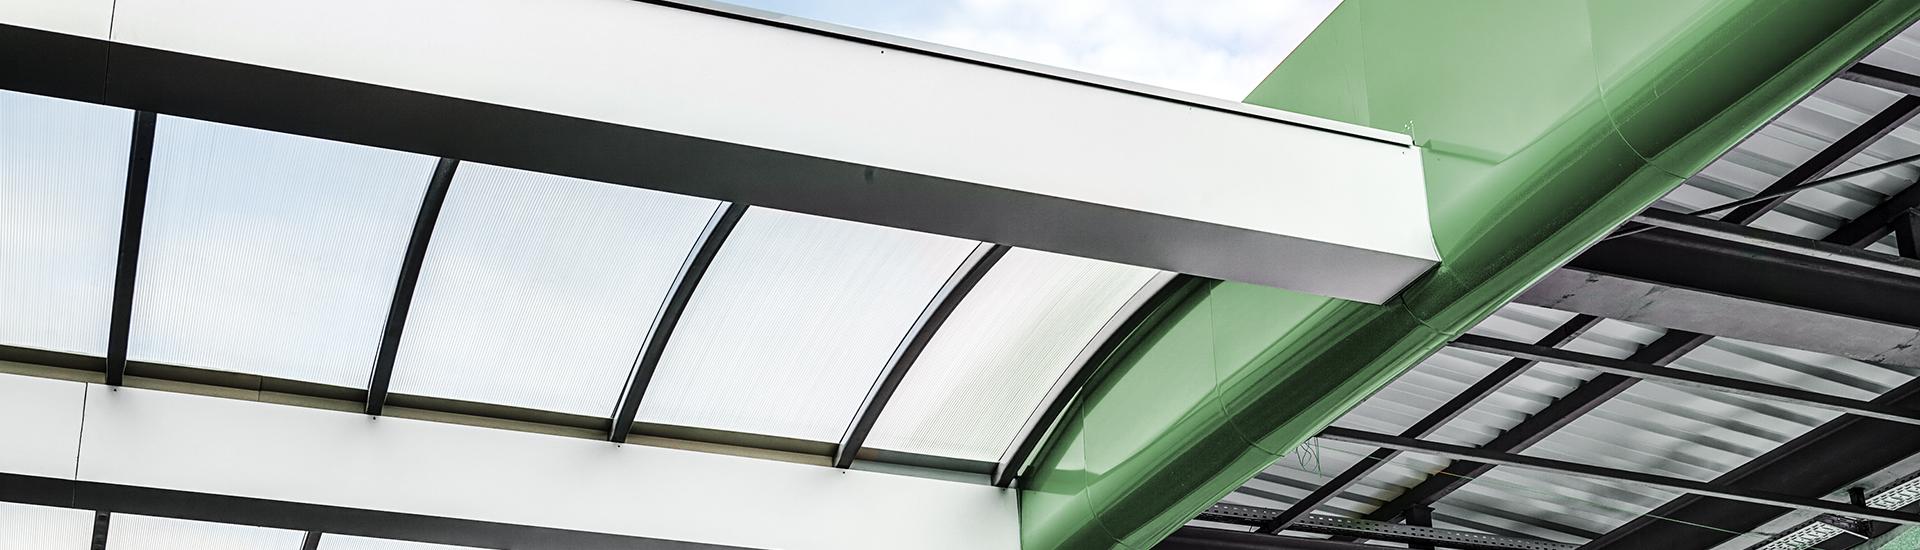 Industriedächer für Gewerbeimmobilien, Industrie- und Gewerbehallen